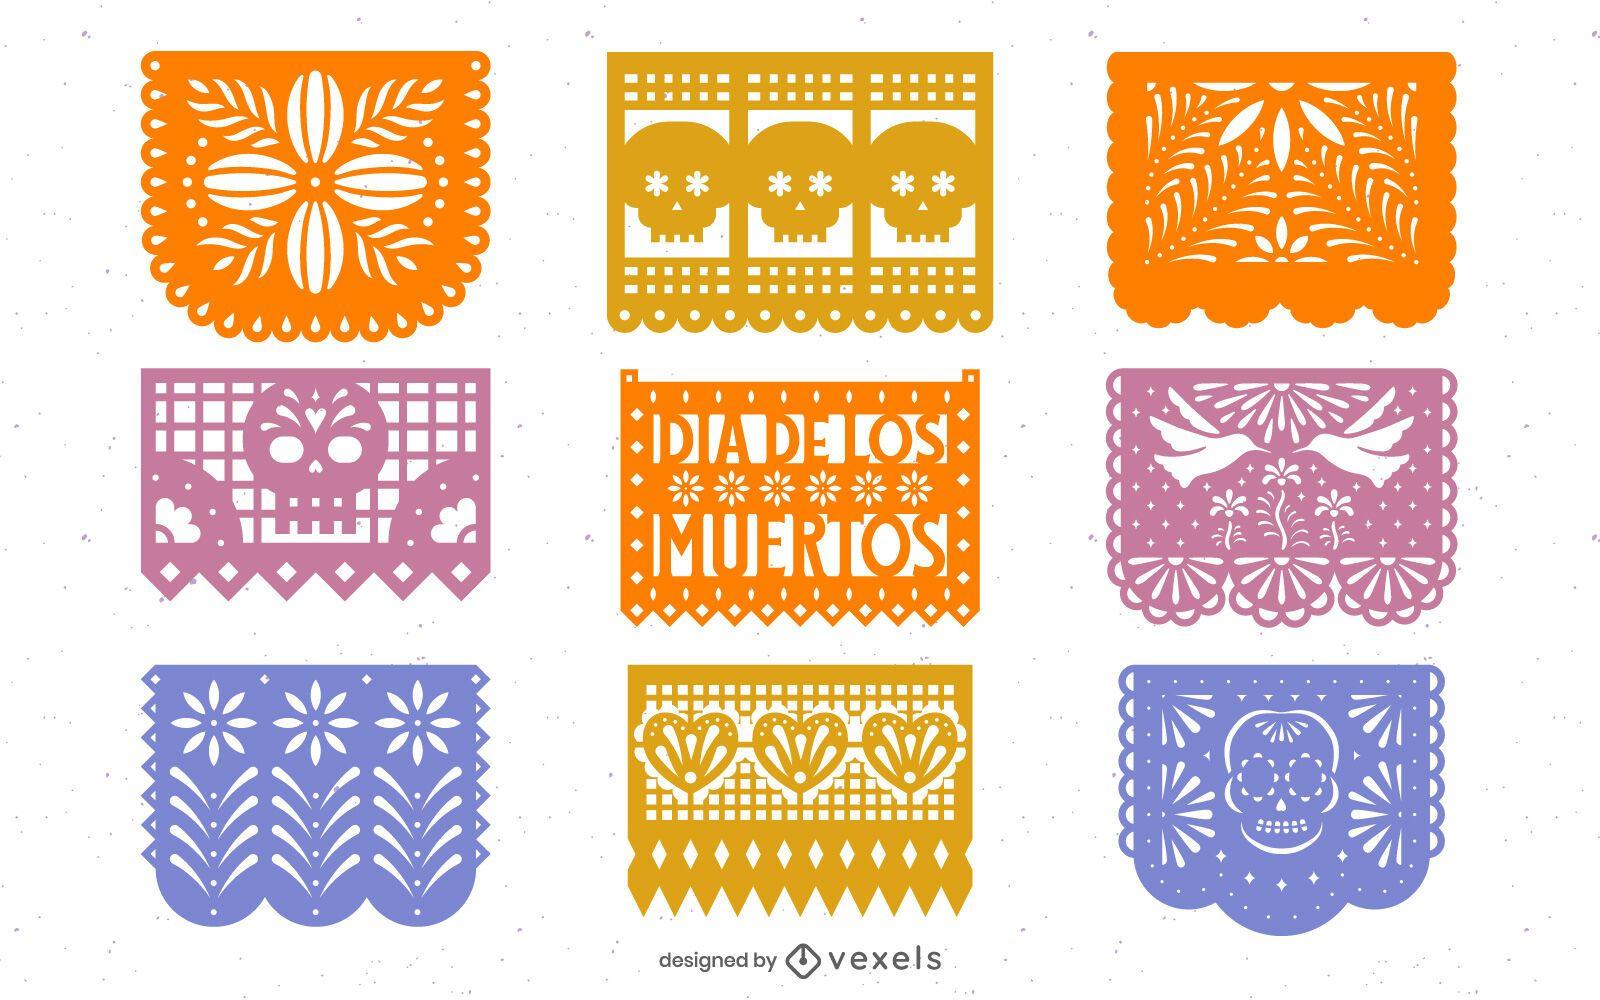 Paquete de diseño de Papel Picado del Día de los Muertos